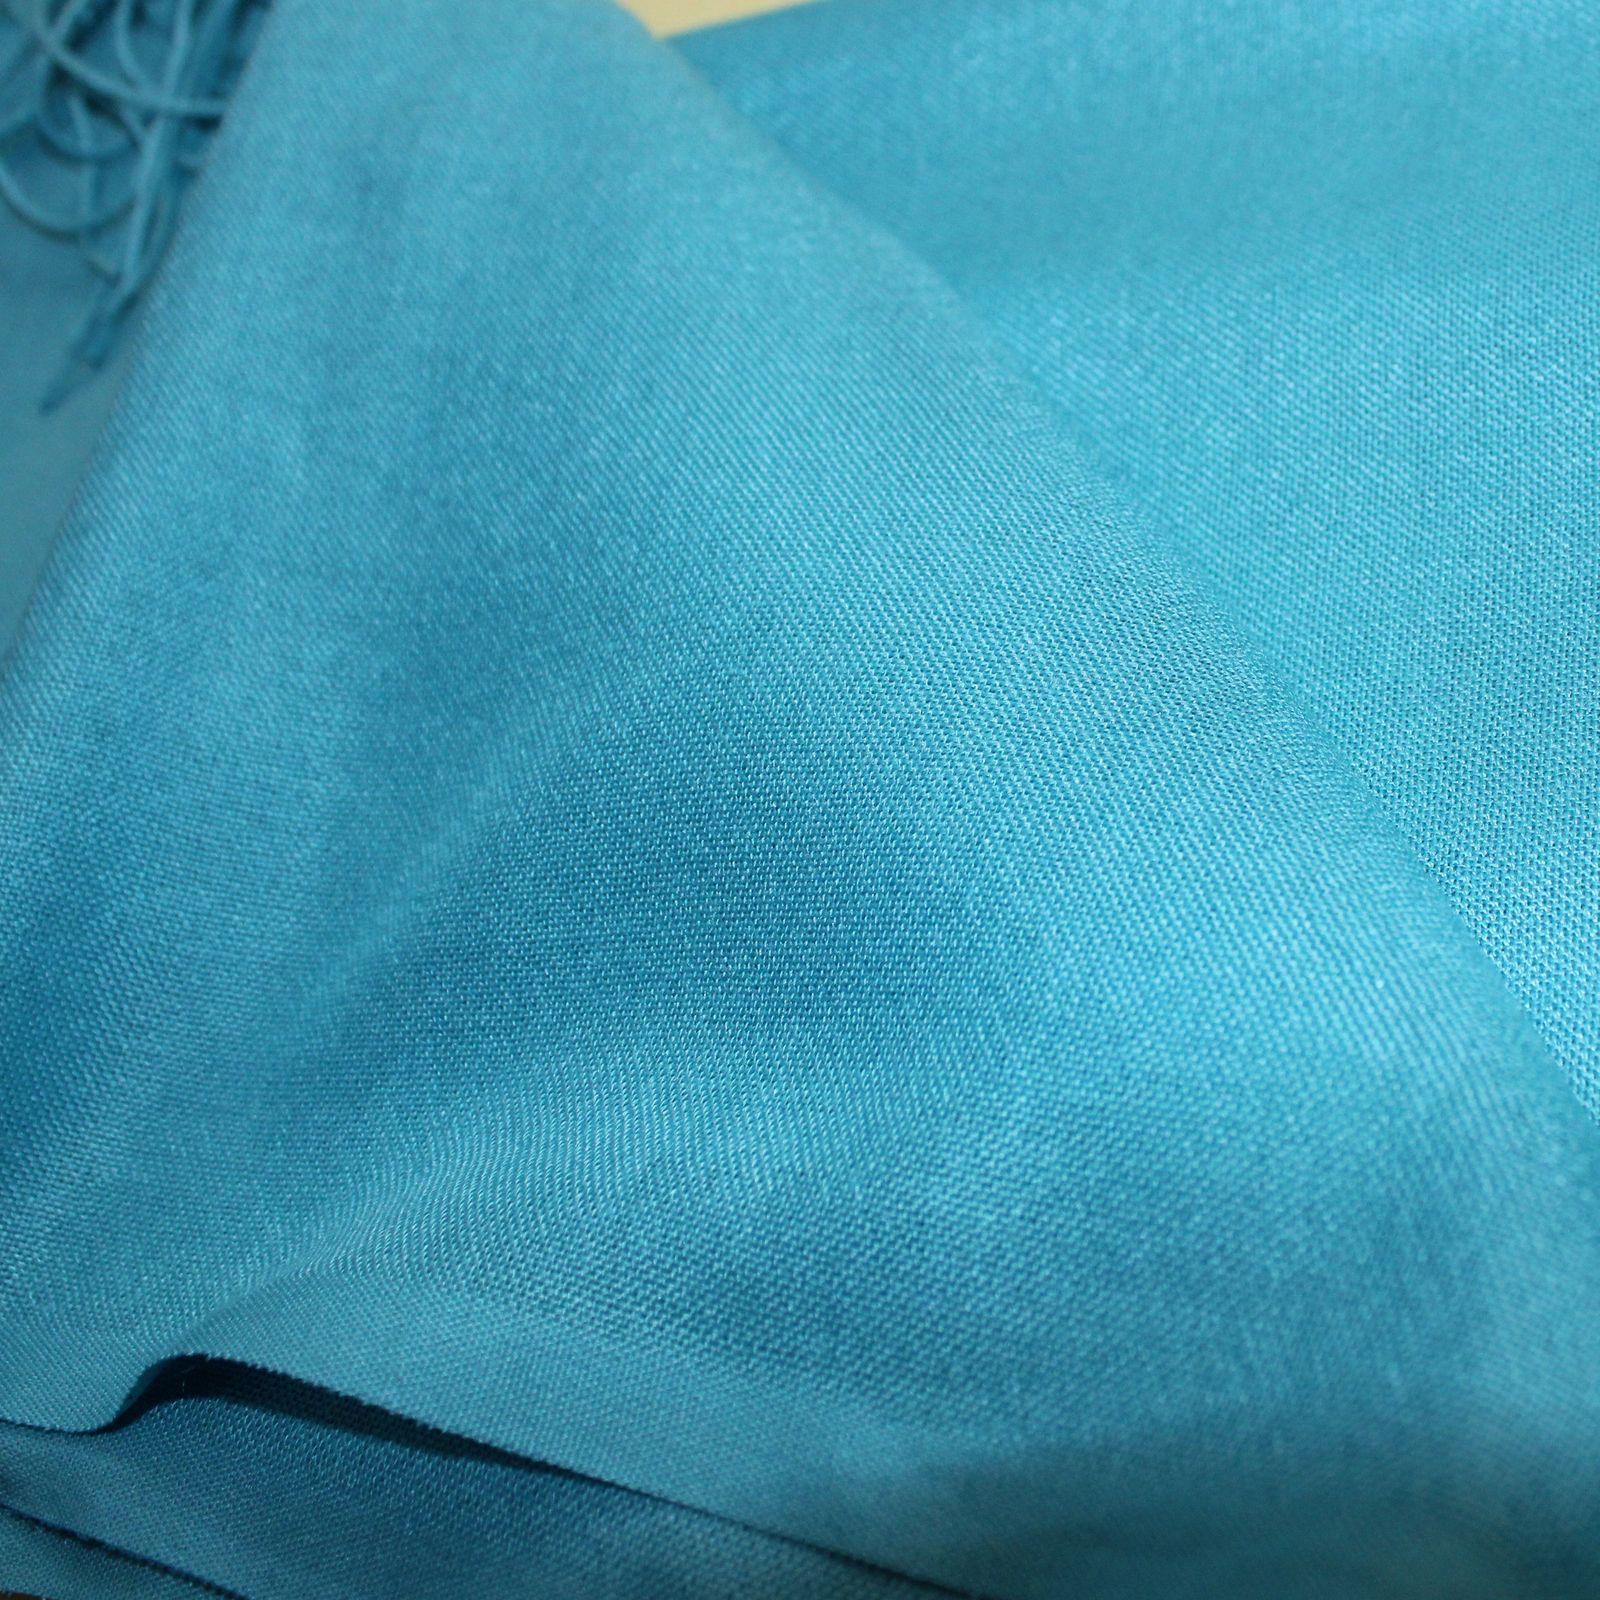 شال زنانه جی ان تی کد 01088 -  - 3